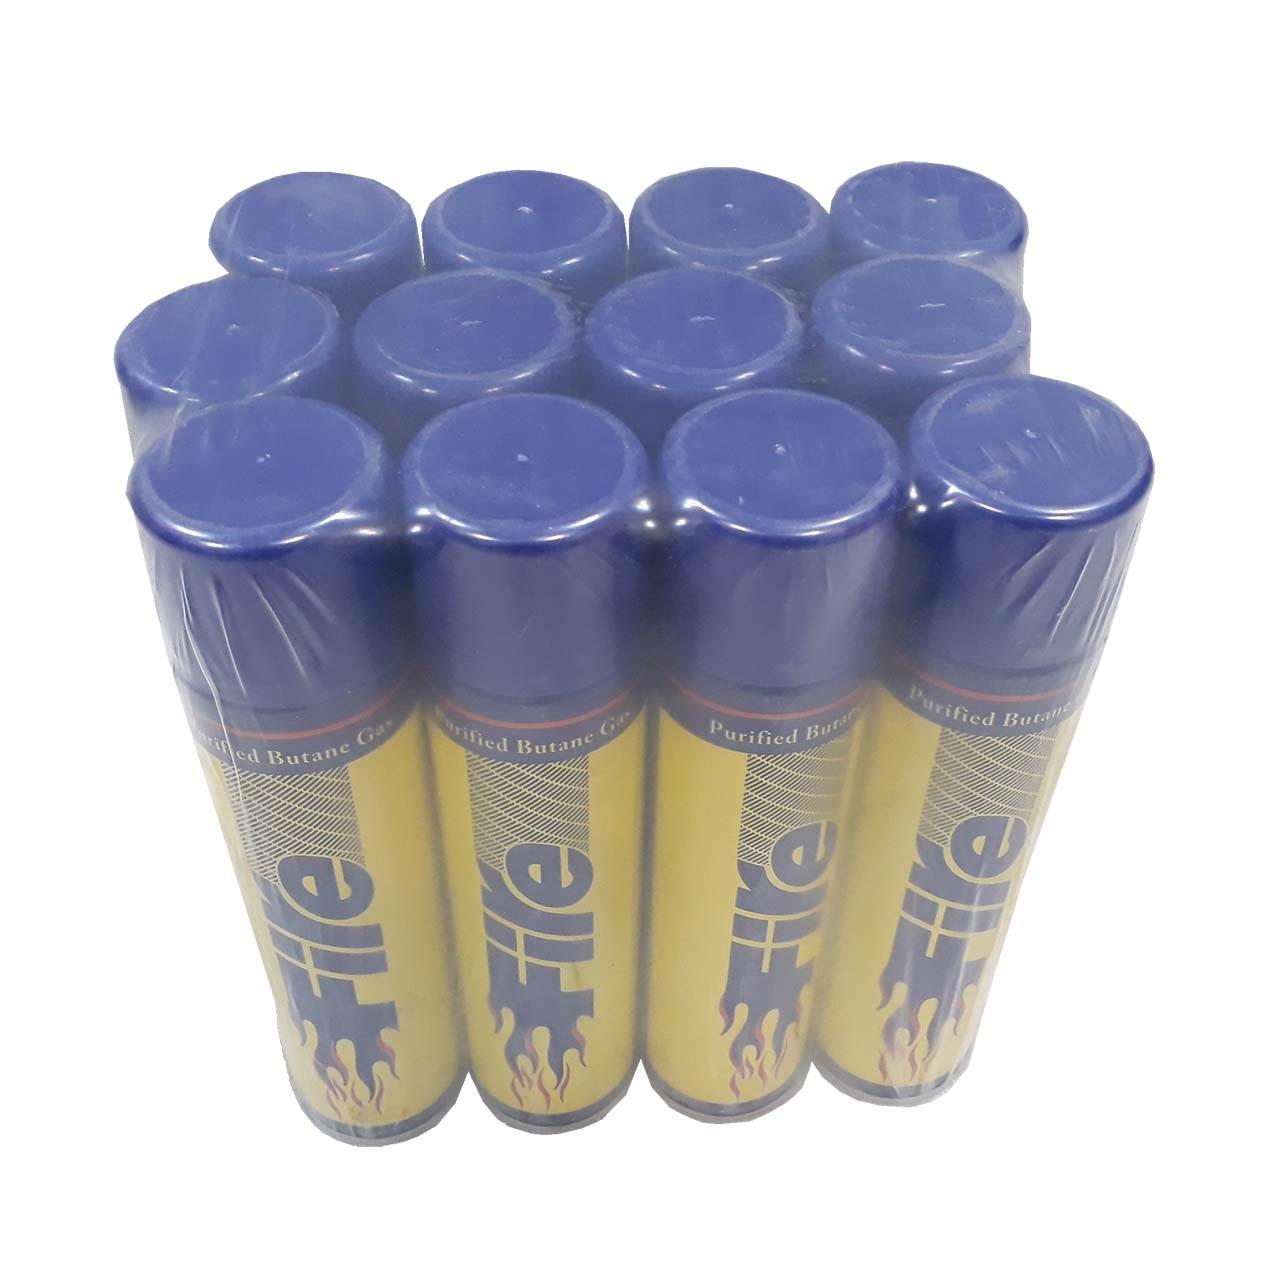 کپسول گاز  فندک فایر  کد 22022 بسته 12 عددی